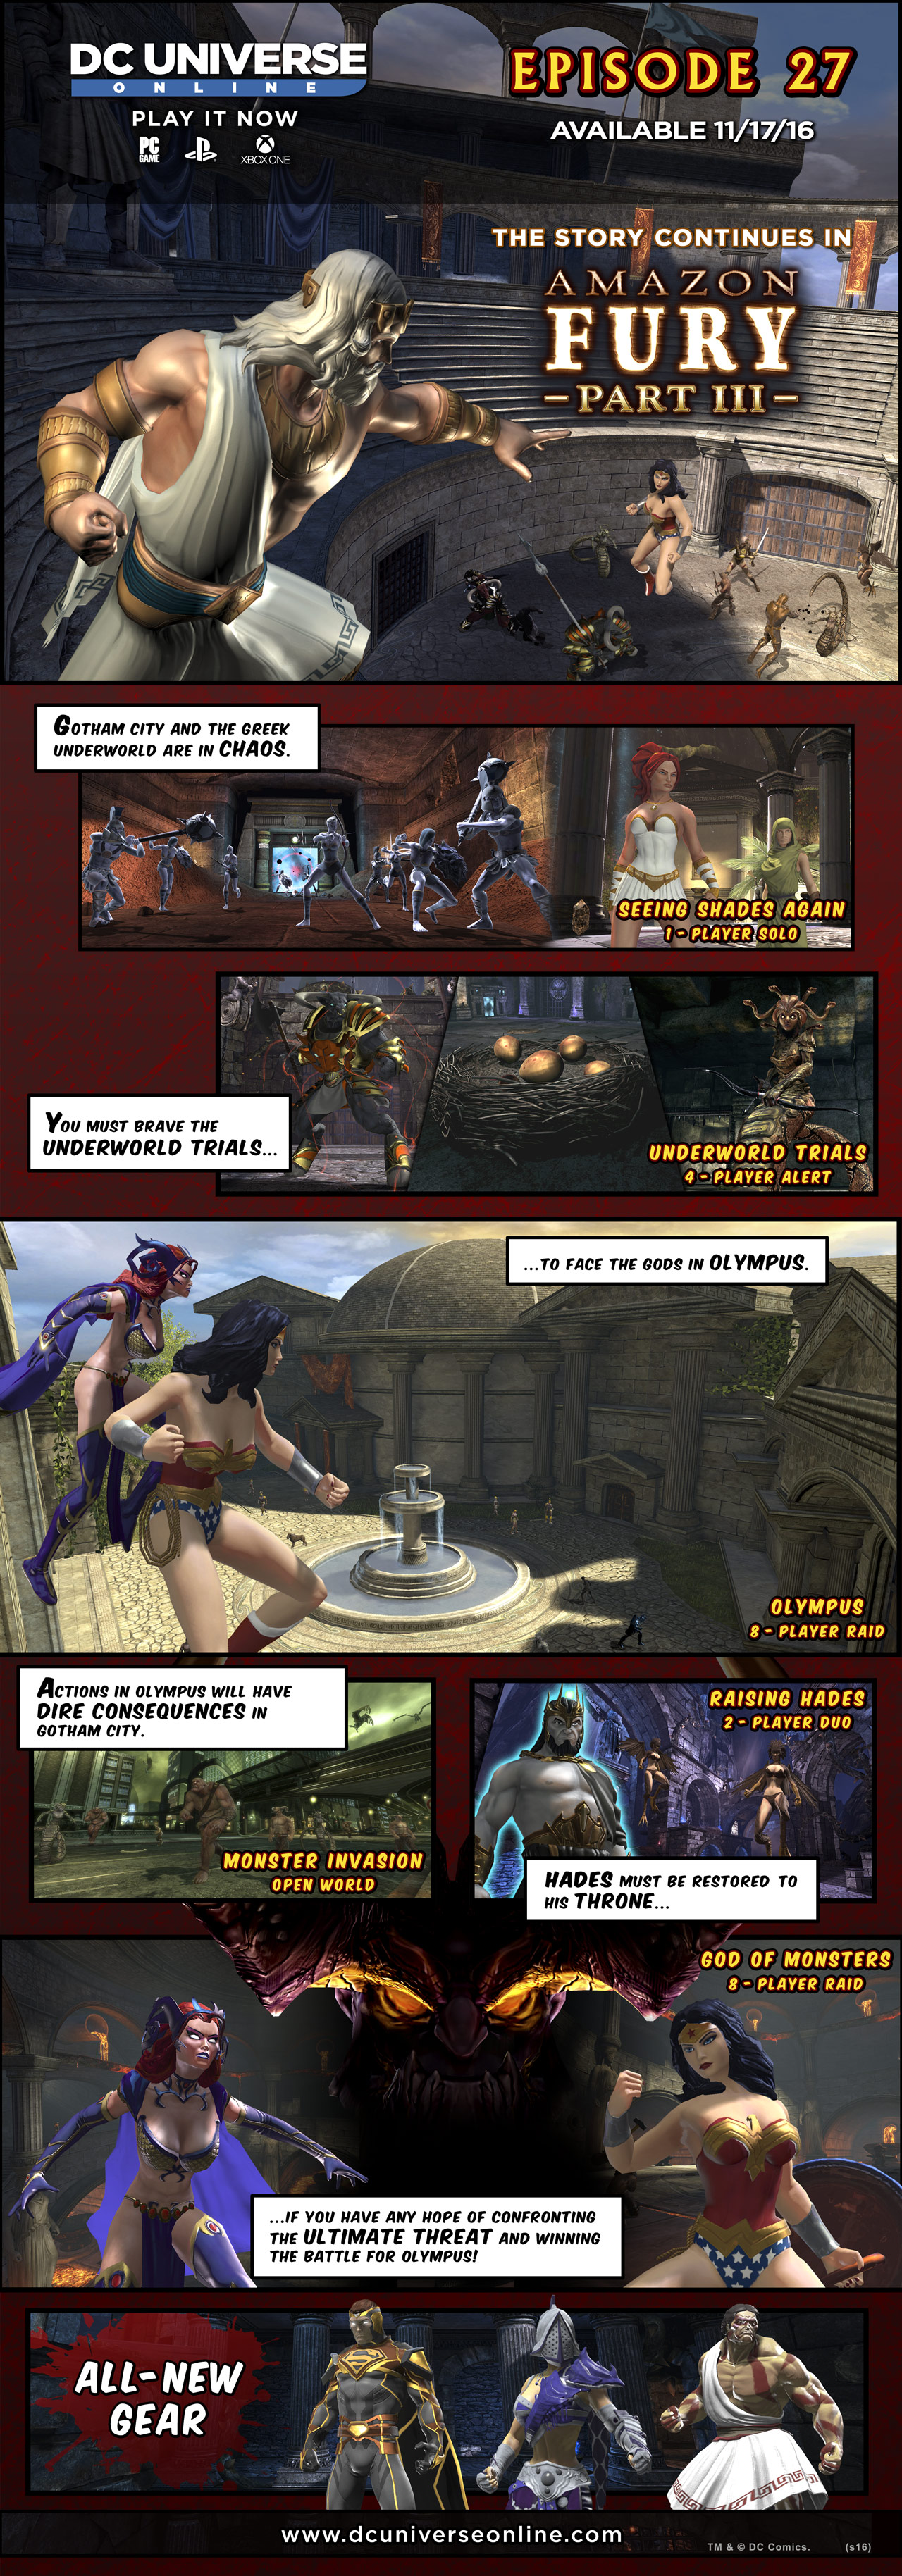 Amazon Fury III